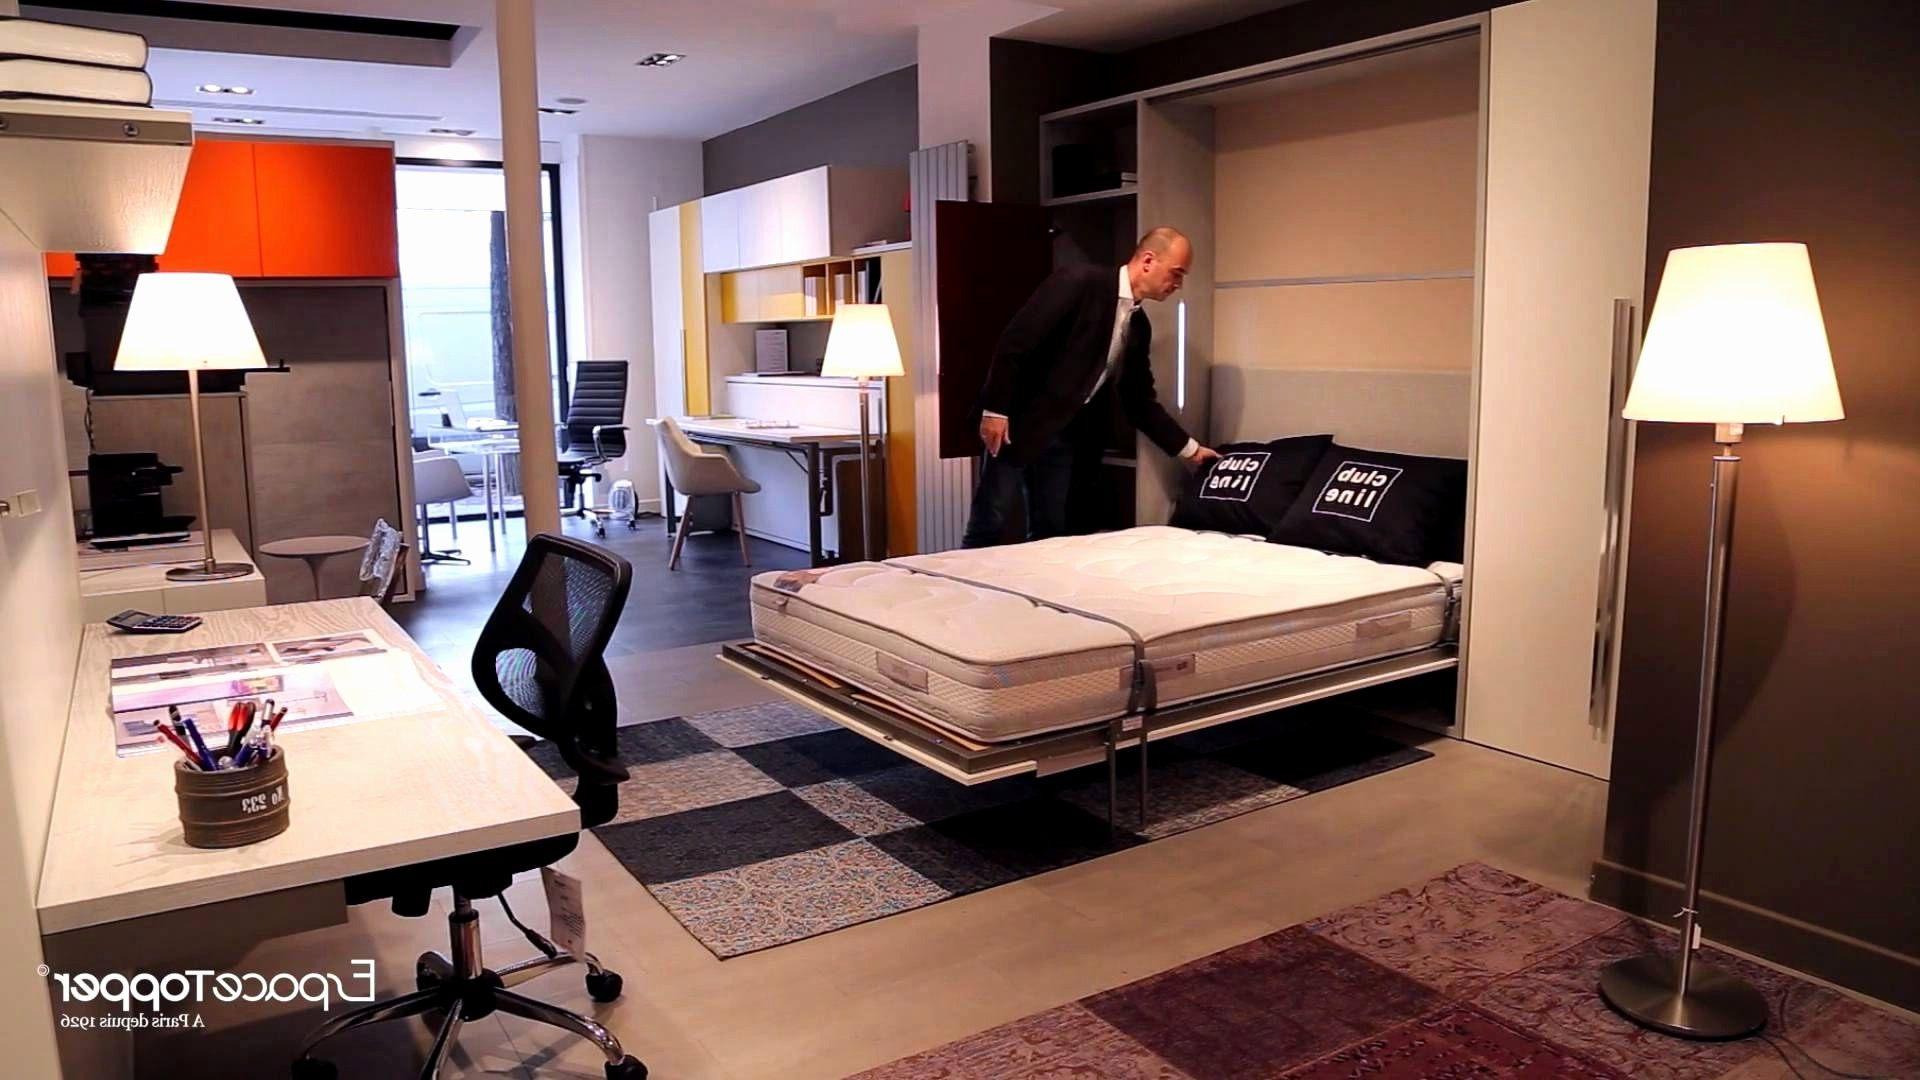 Lit Escamotable Pas Cher Belle Lit Armoire Escamotable Ikea Lovely Lit Mural Escamotable Ikea